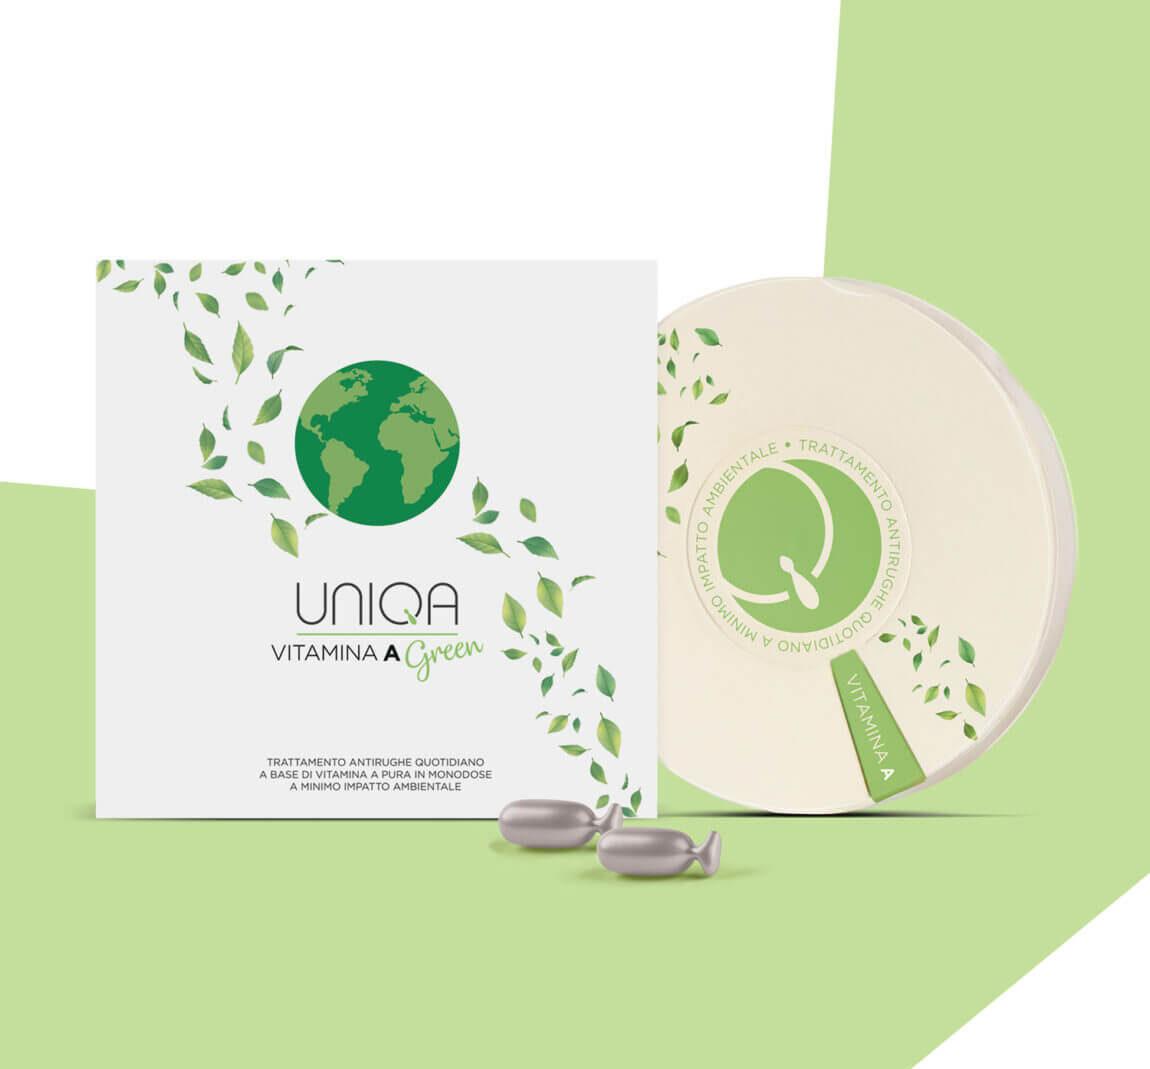 estetica-claudia-uniqa-trattamenti-viso-notte-vitamina-green